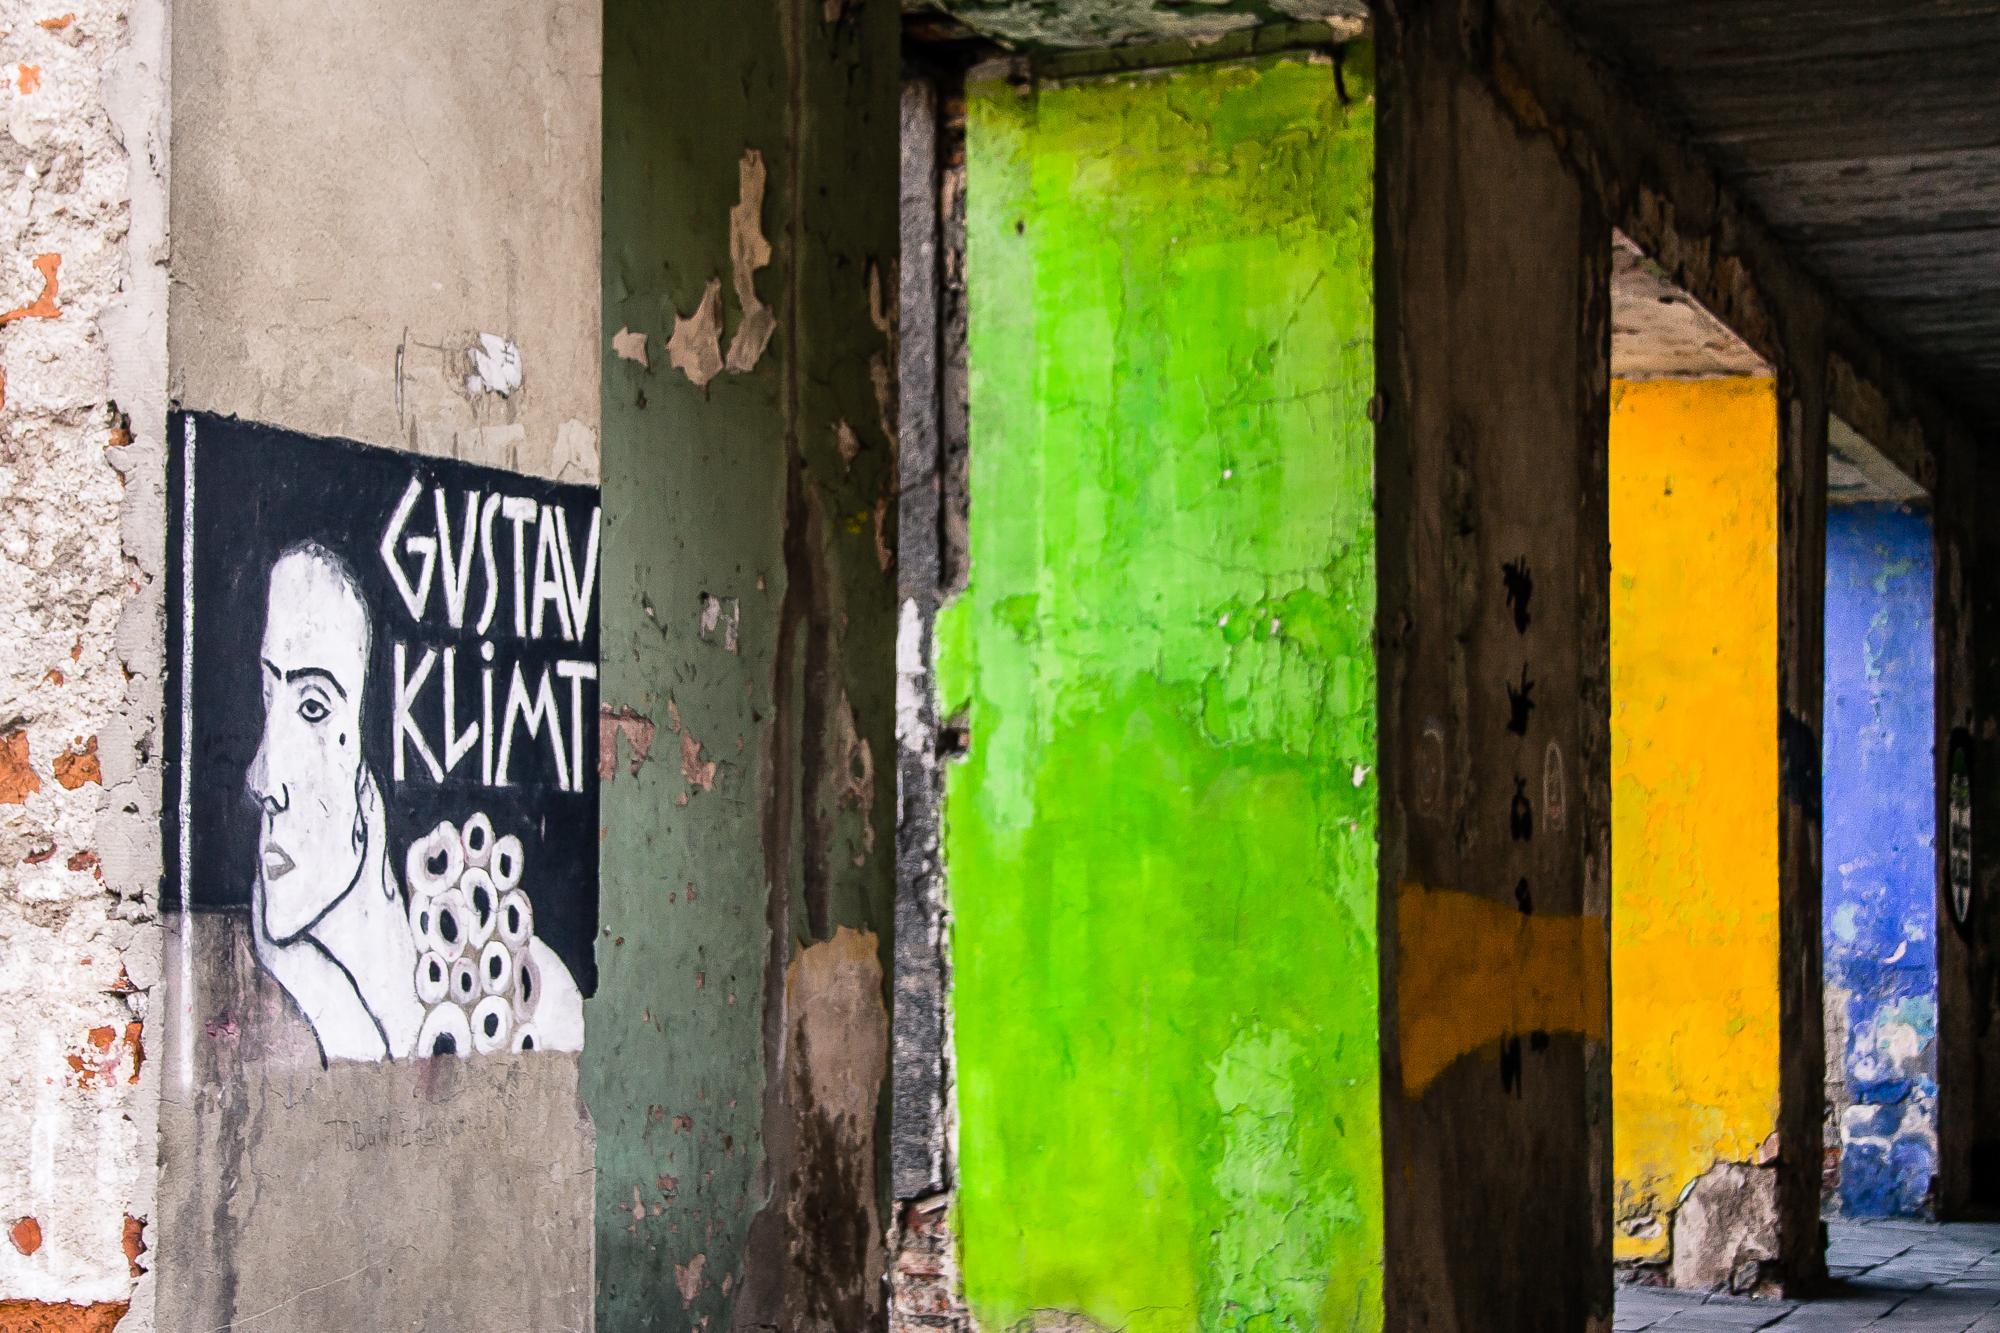 Gustav Klimt Via @Atisgailis